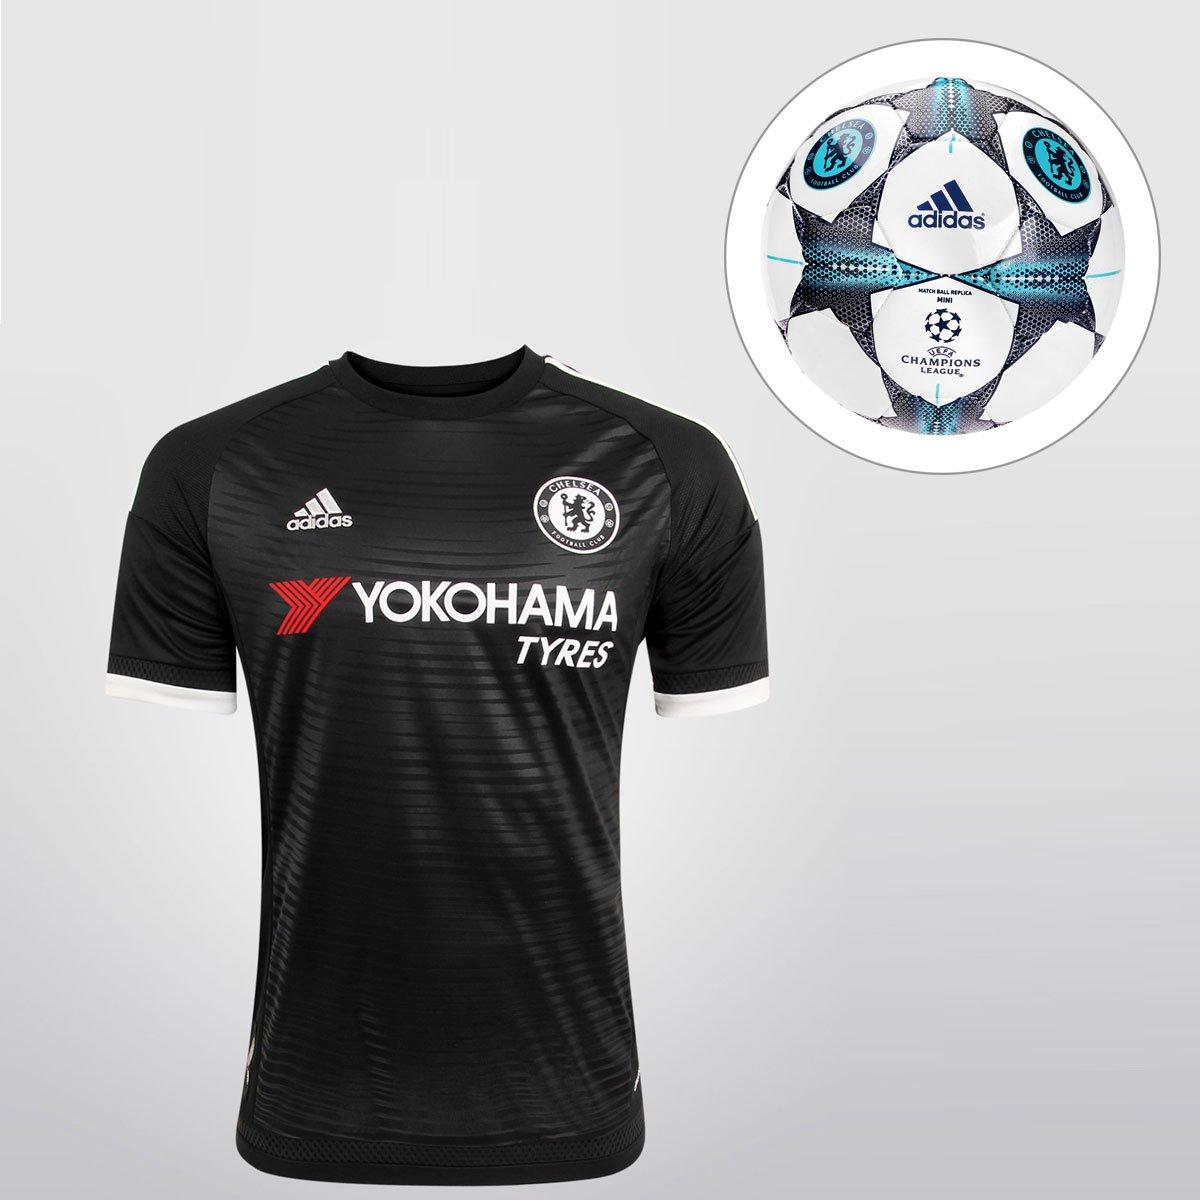 camisa adidas estro 15 preto branco 9fe864ed2e3d31 - mtvnewsbd.com 7f4c950342c95